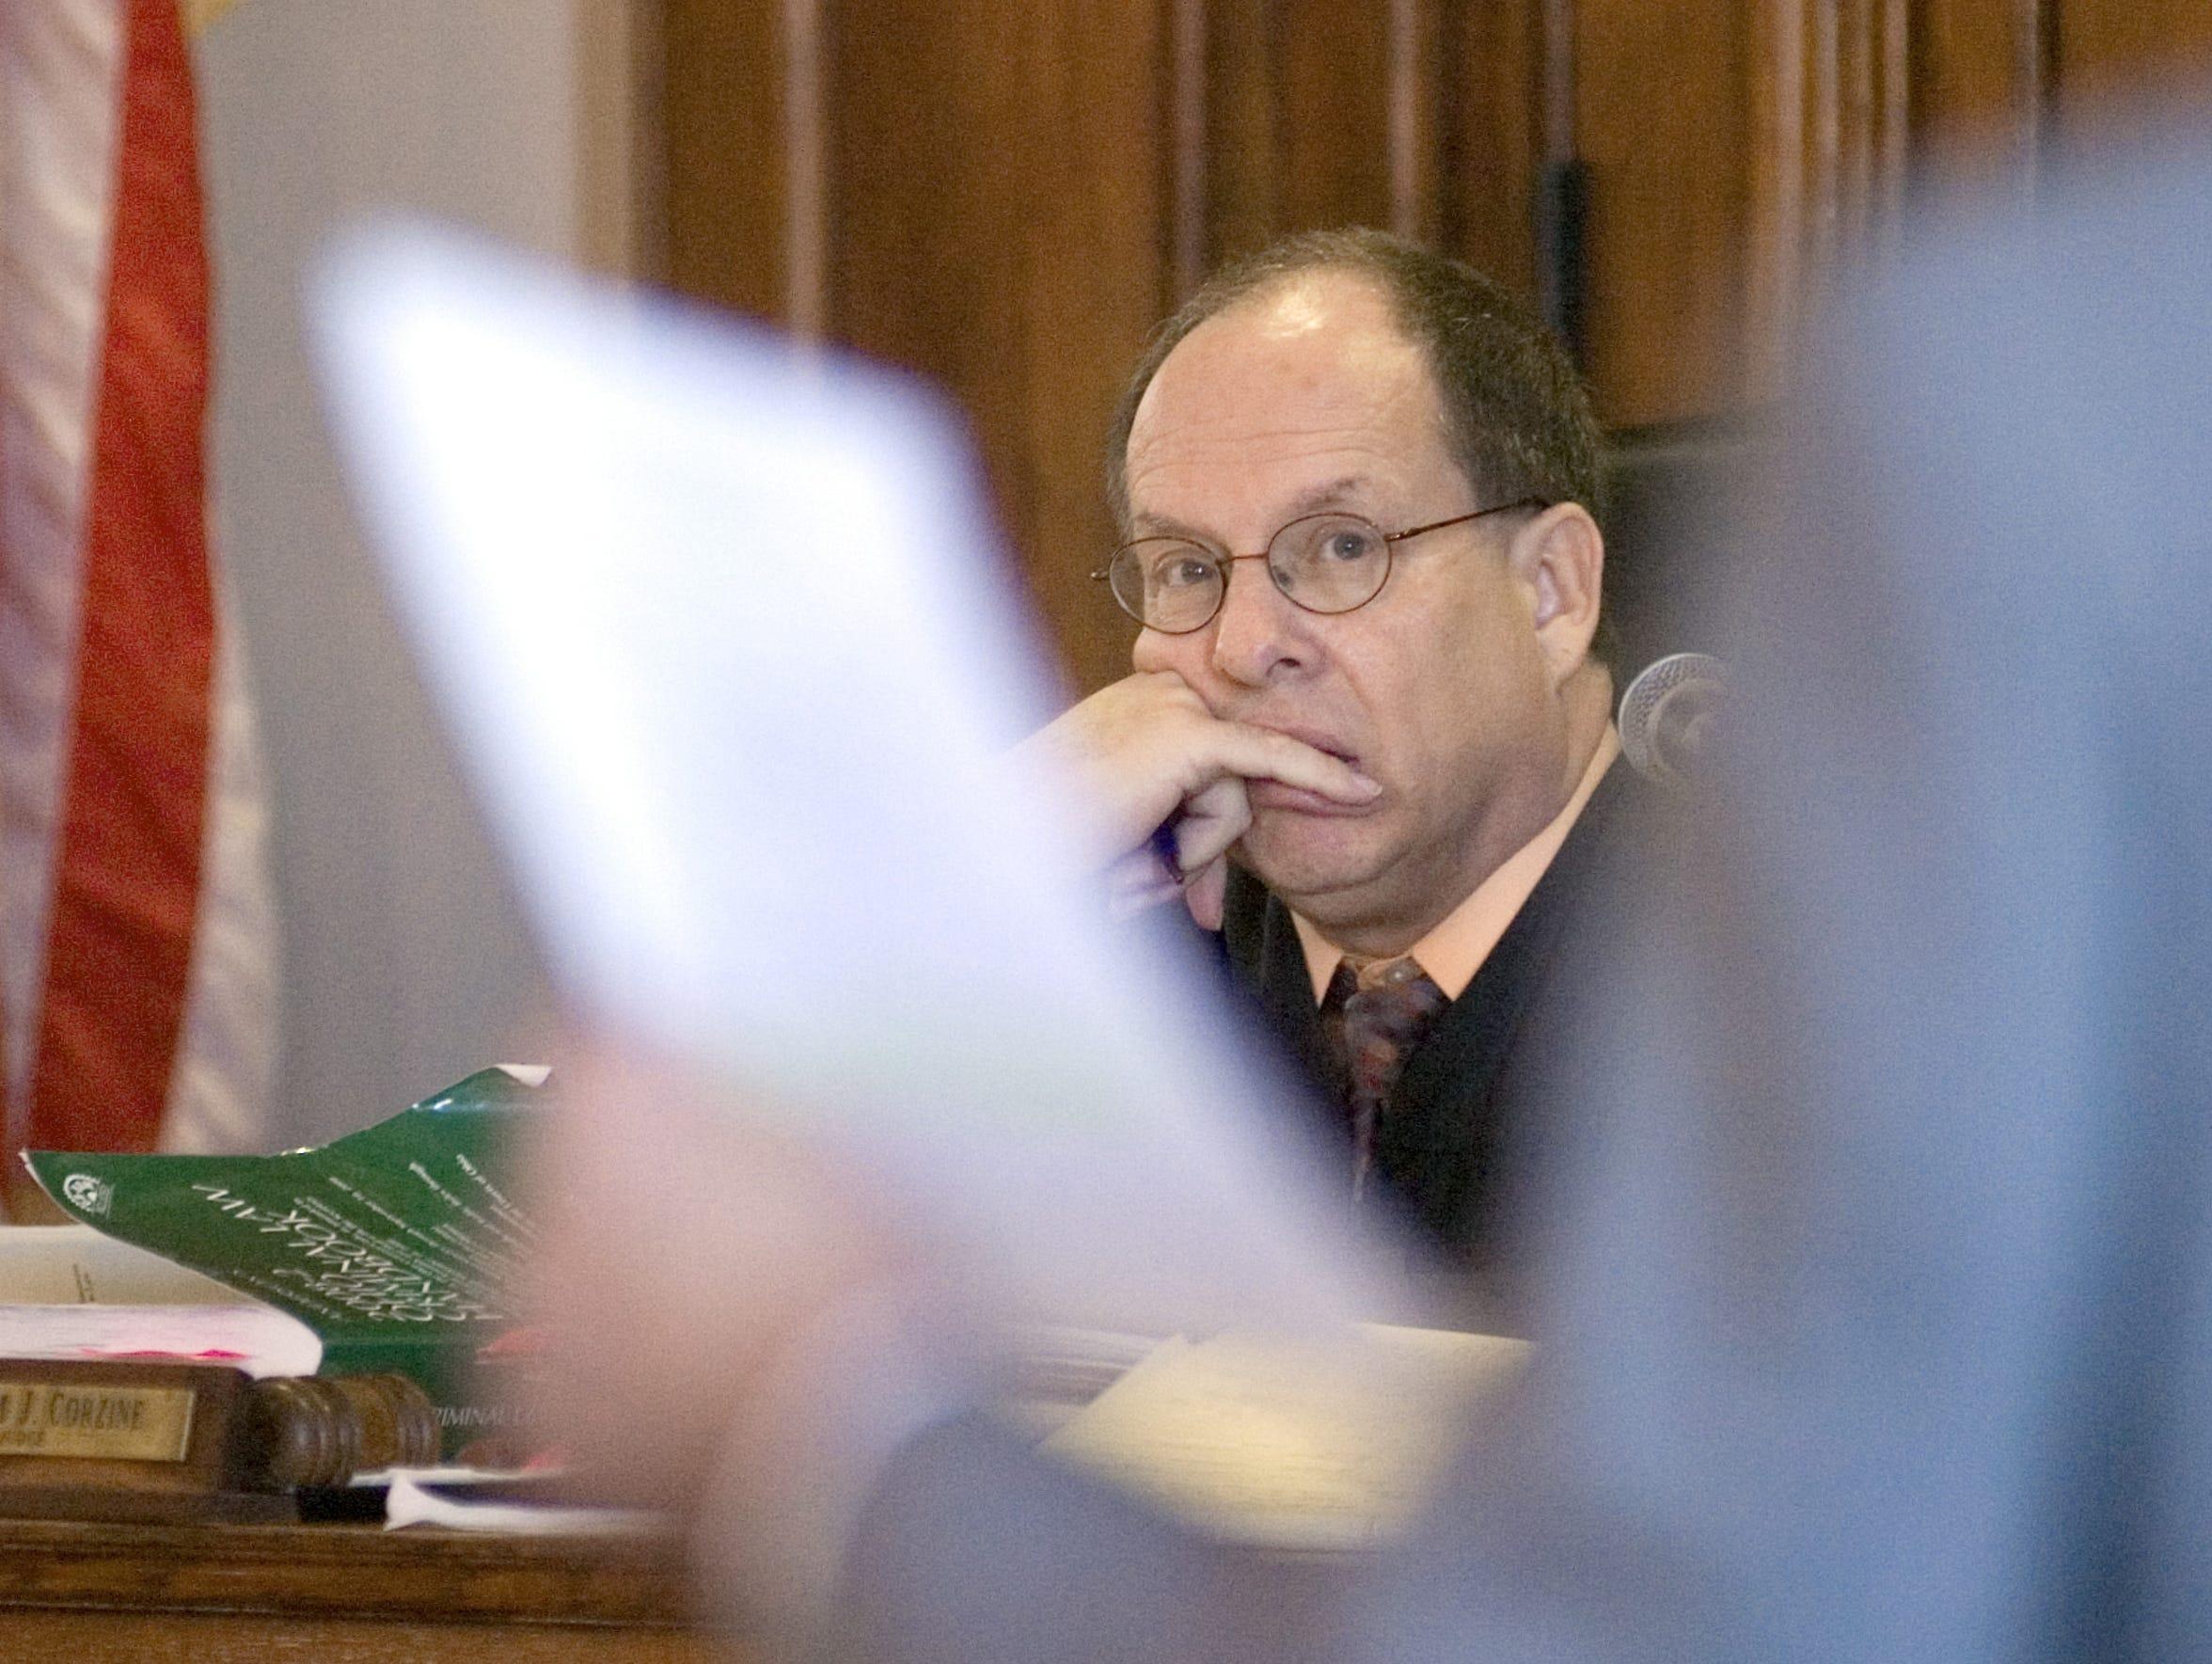 Ross County Common Pleas Court Judge Wm. Jhan Corzine